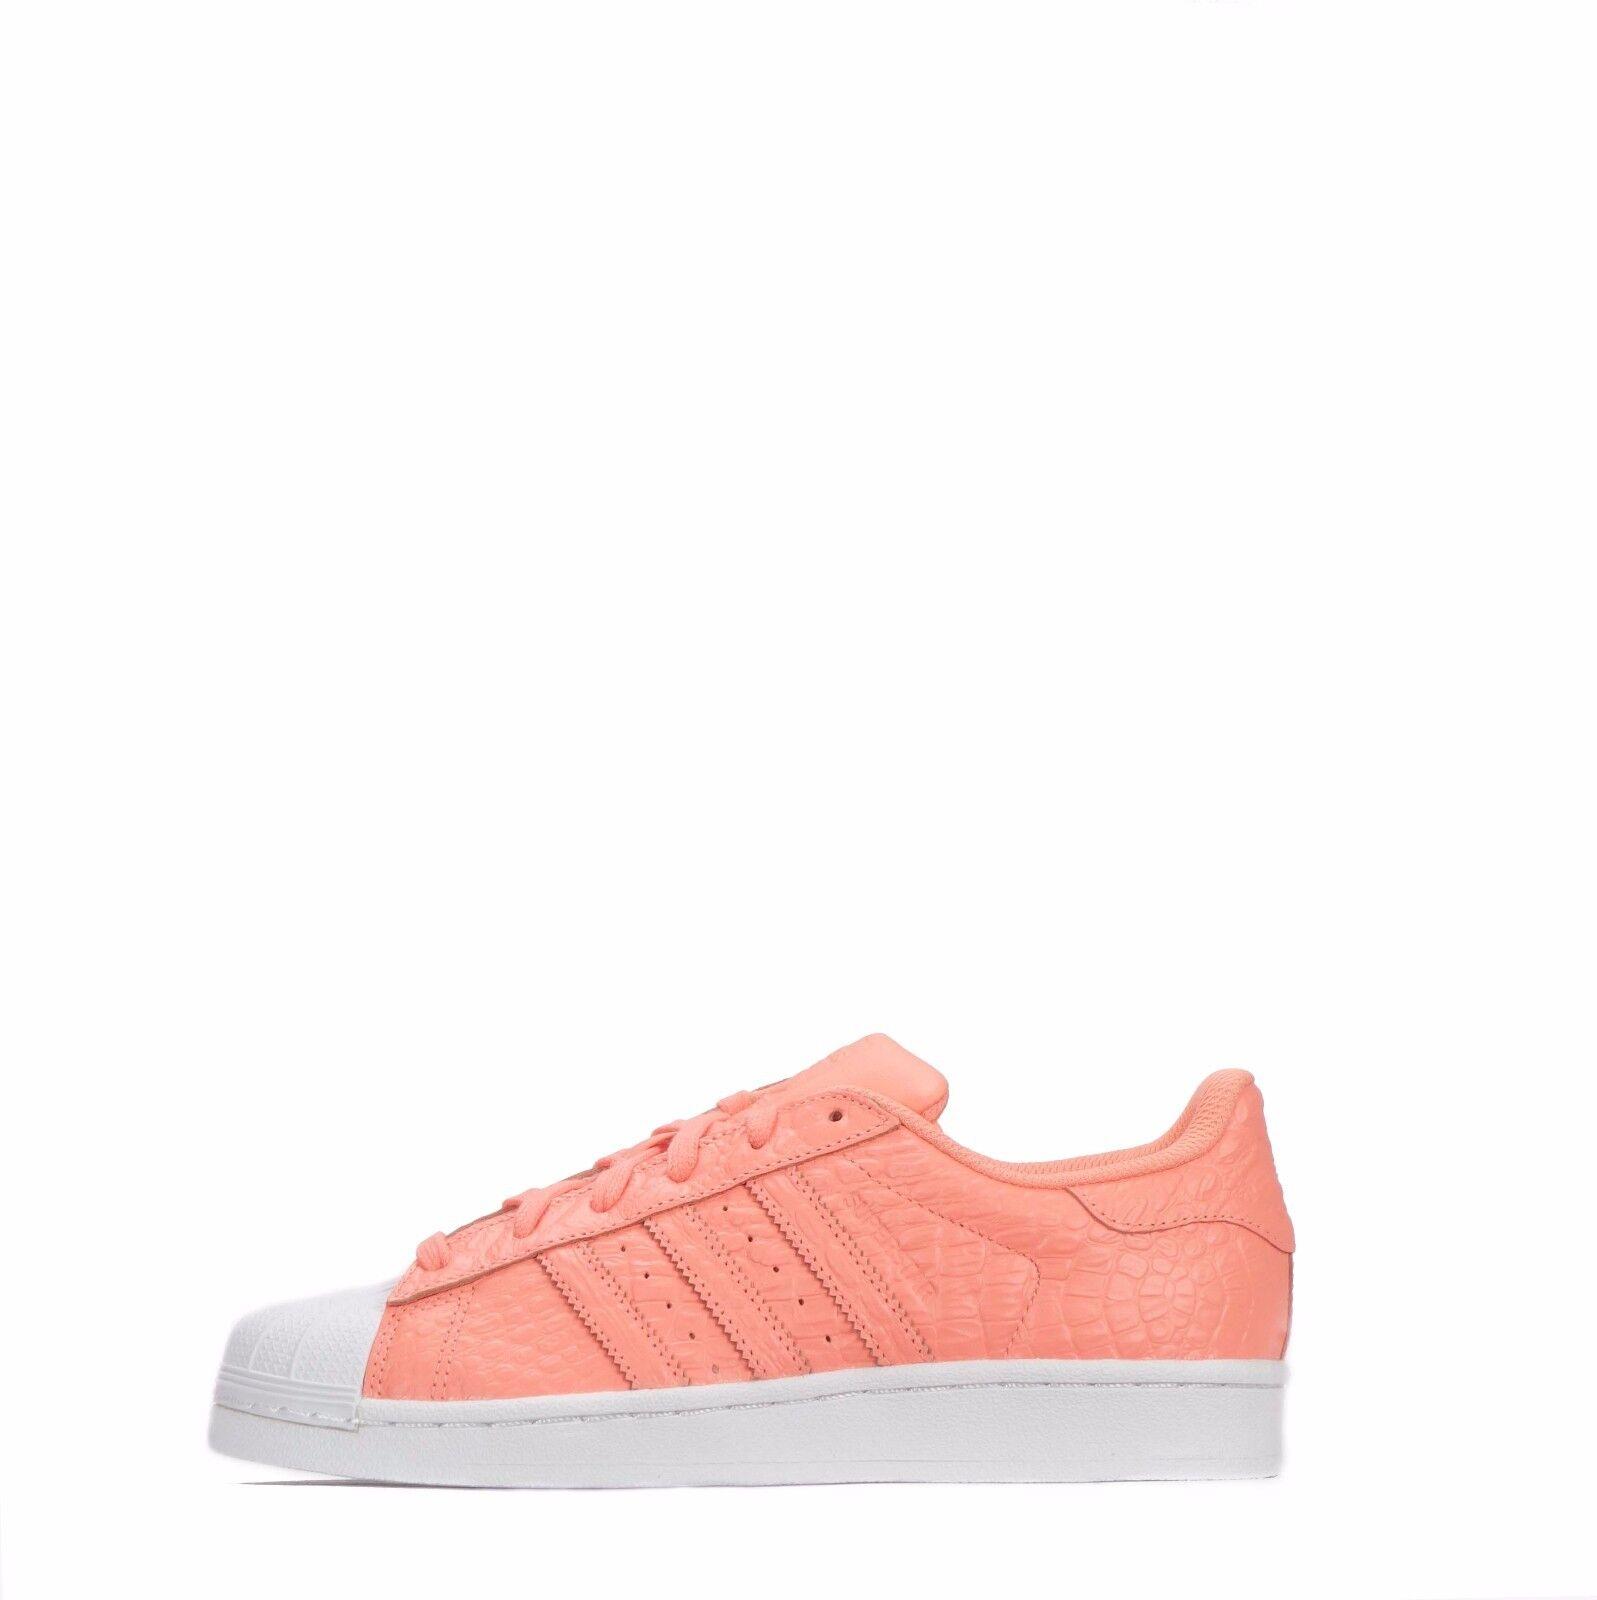 Adidas Originals Superstar Kroko Damen Schuhe Sonne-Schein Weiß